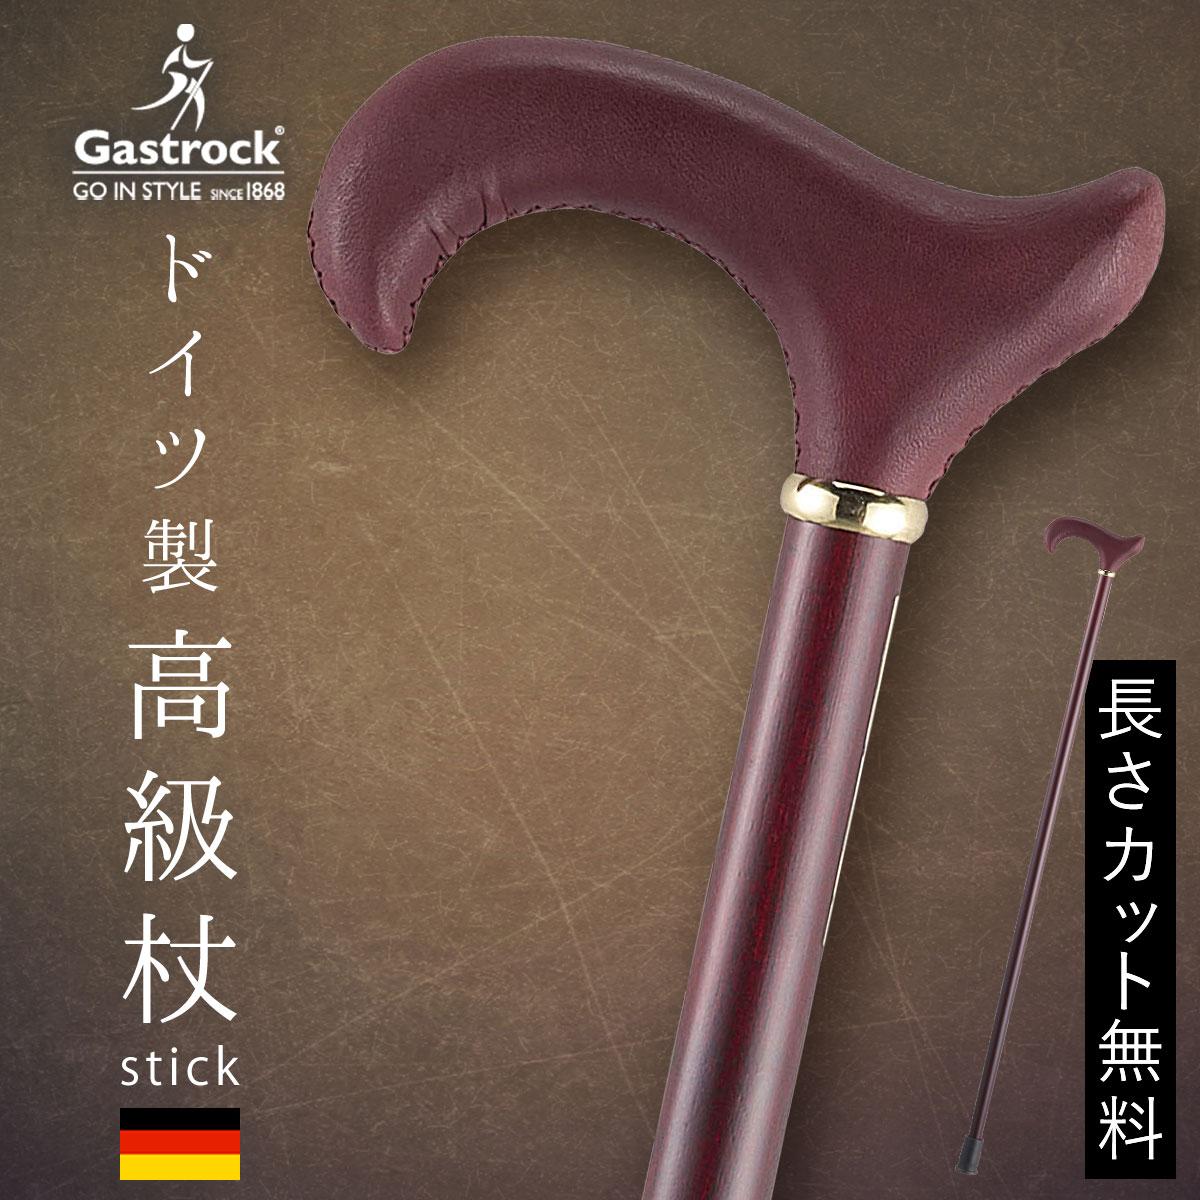 一本杖 木製杖 ステッキ ドイツ製 1本杖 ガストロック社 GA-36 ギフト プレゼント 贈り物